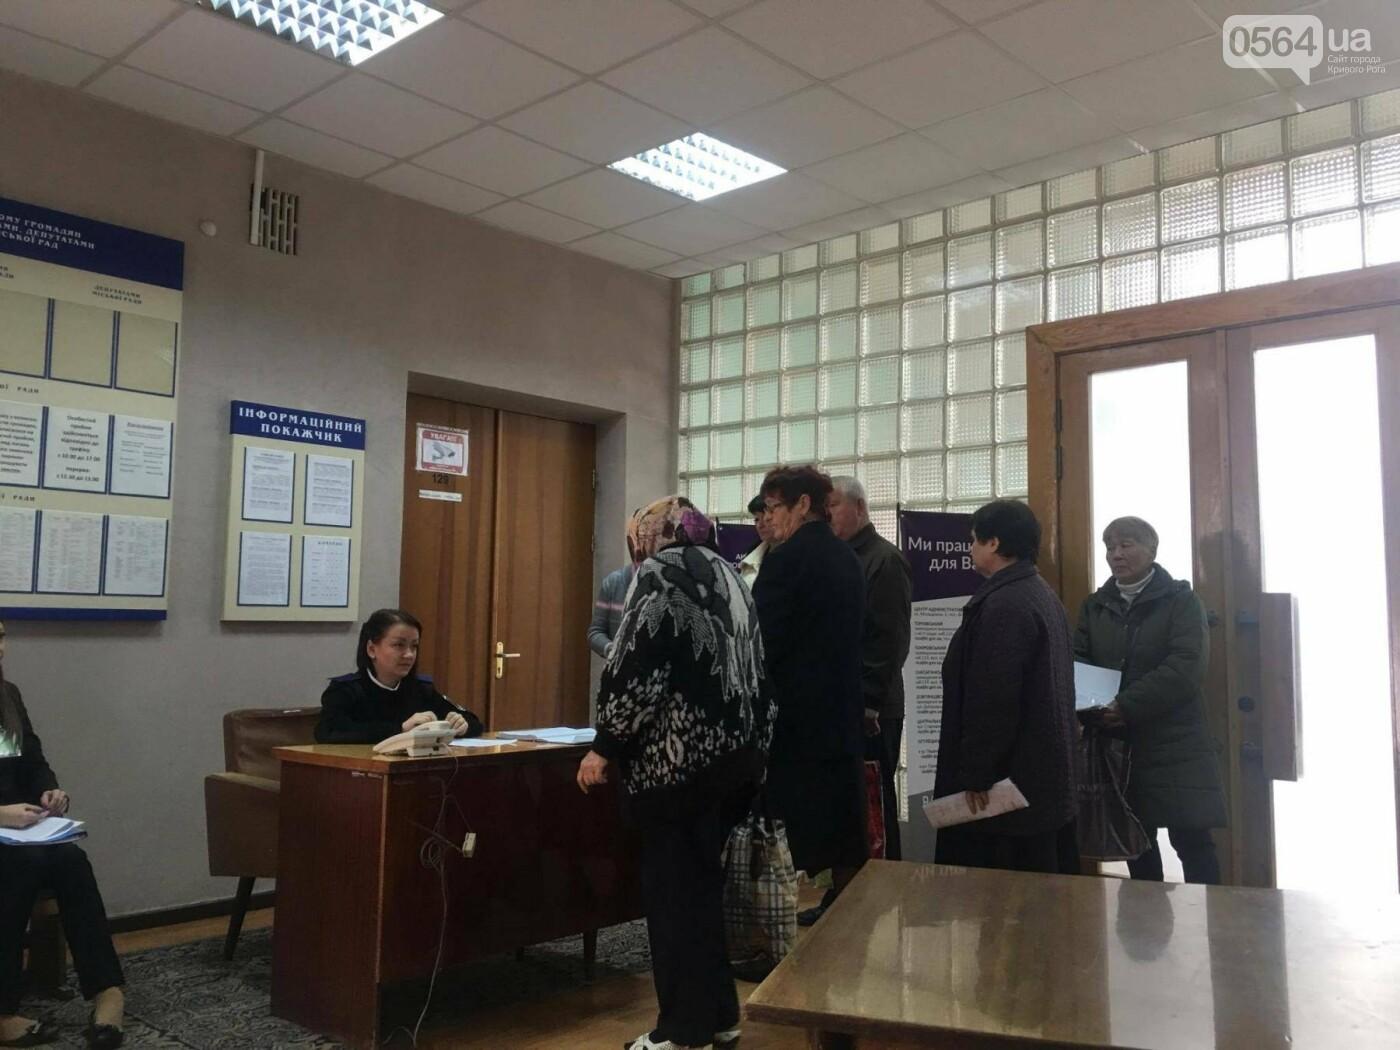 И.о. мэра Кривого Рога на приеме граждан выслушивает жалобы криворожан (ФОТО), фото-4